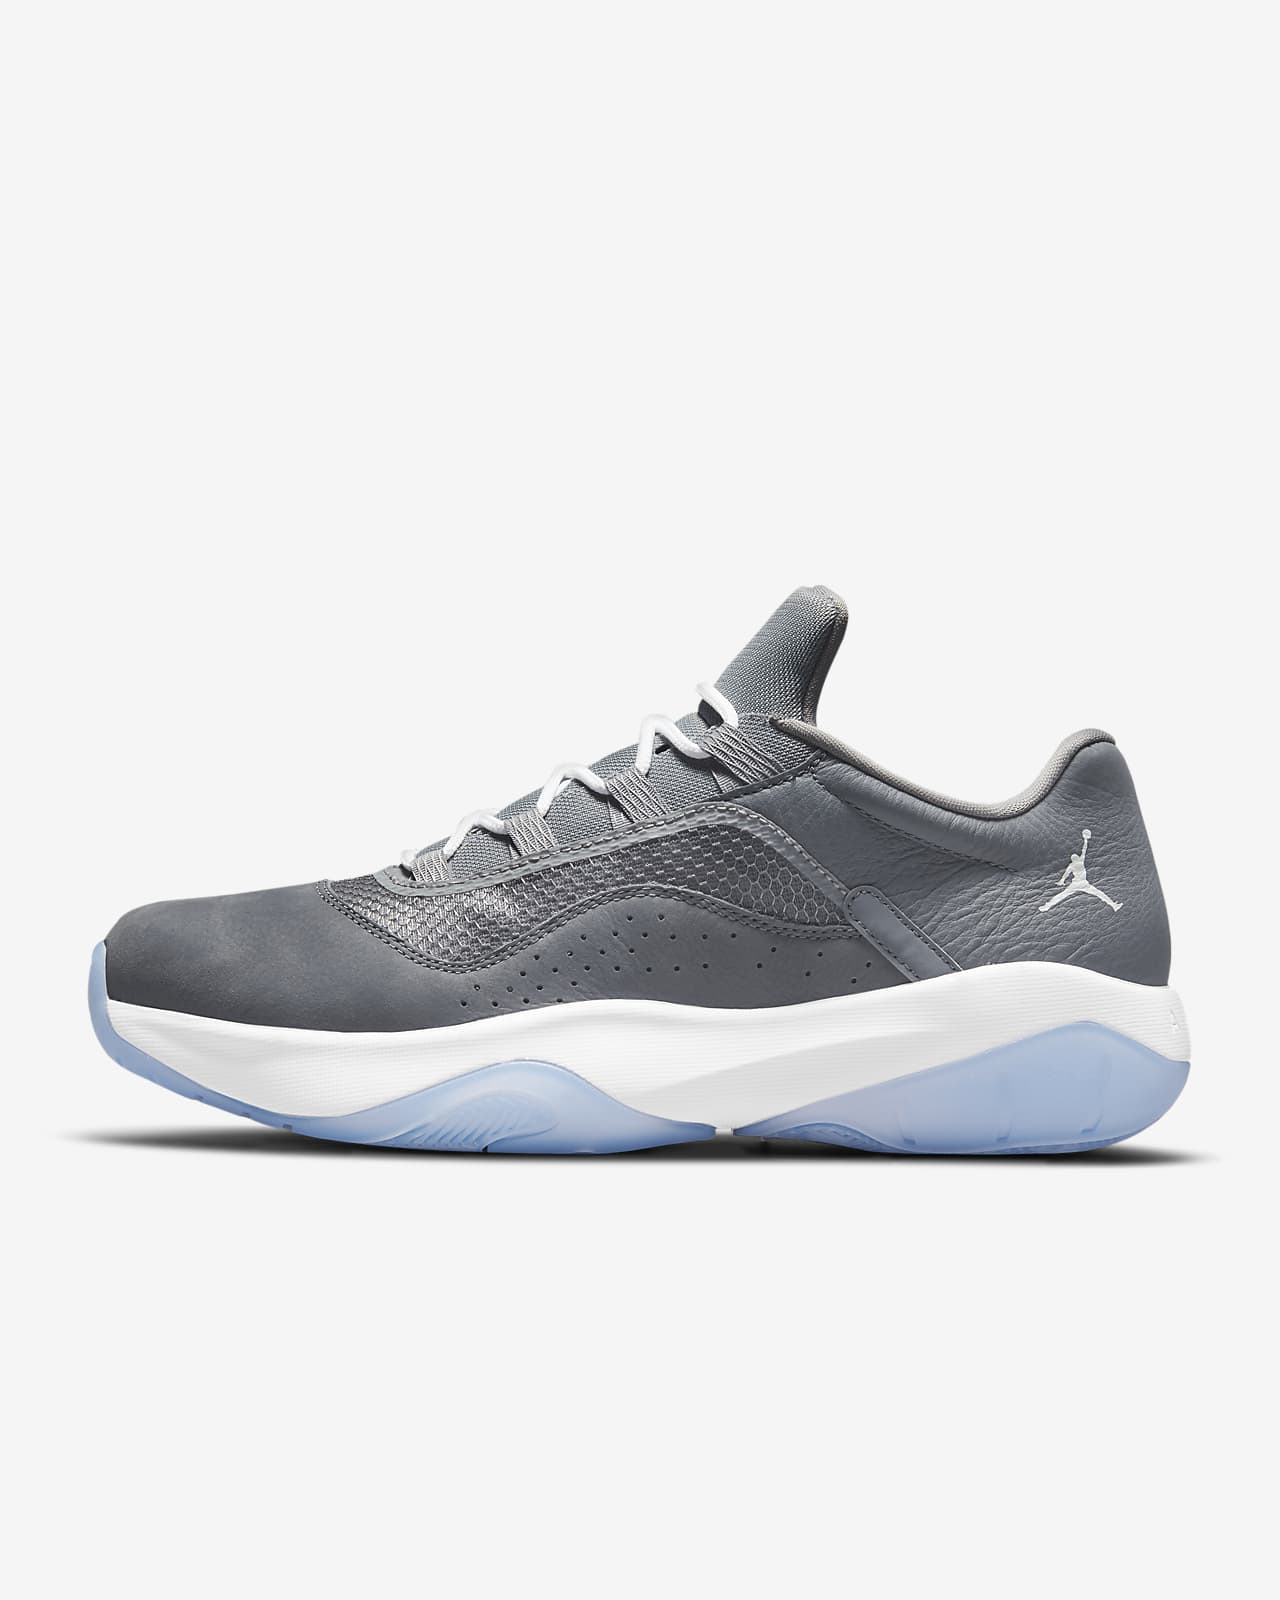 Air Jordan 11 CMFT Low Men's Shoes